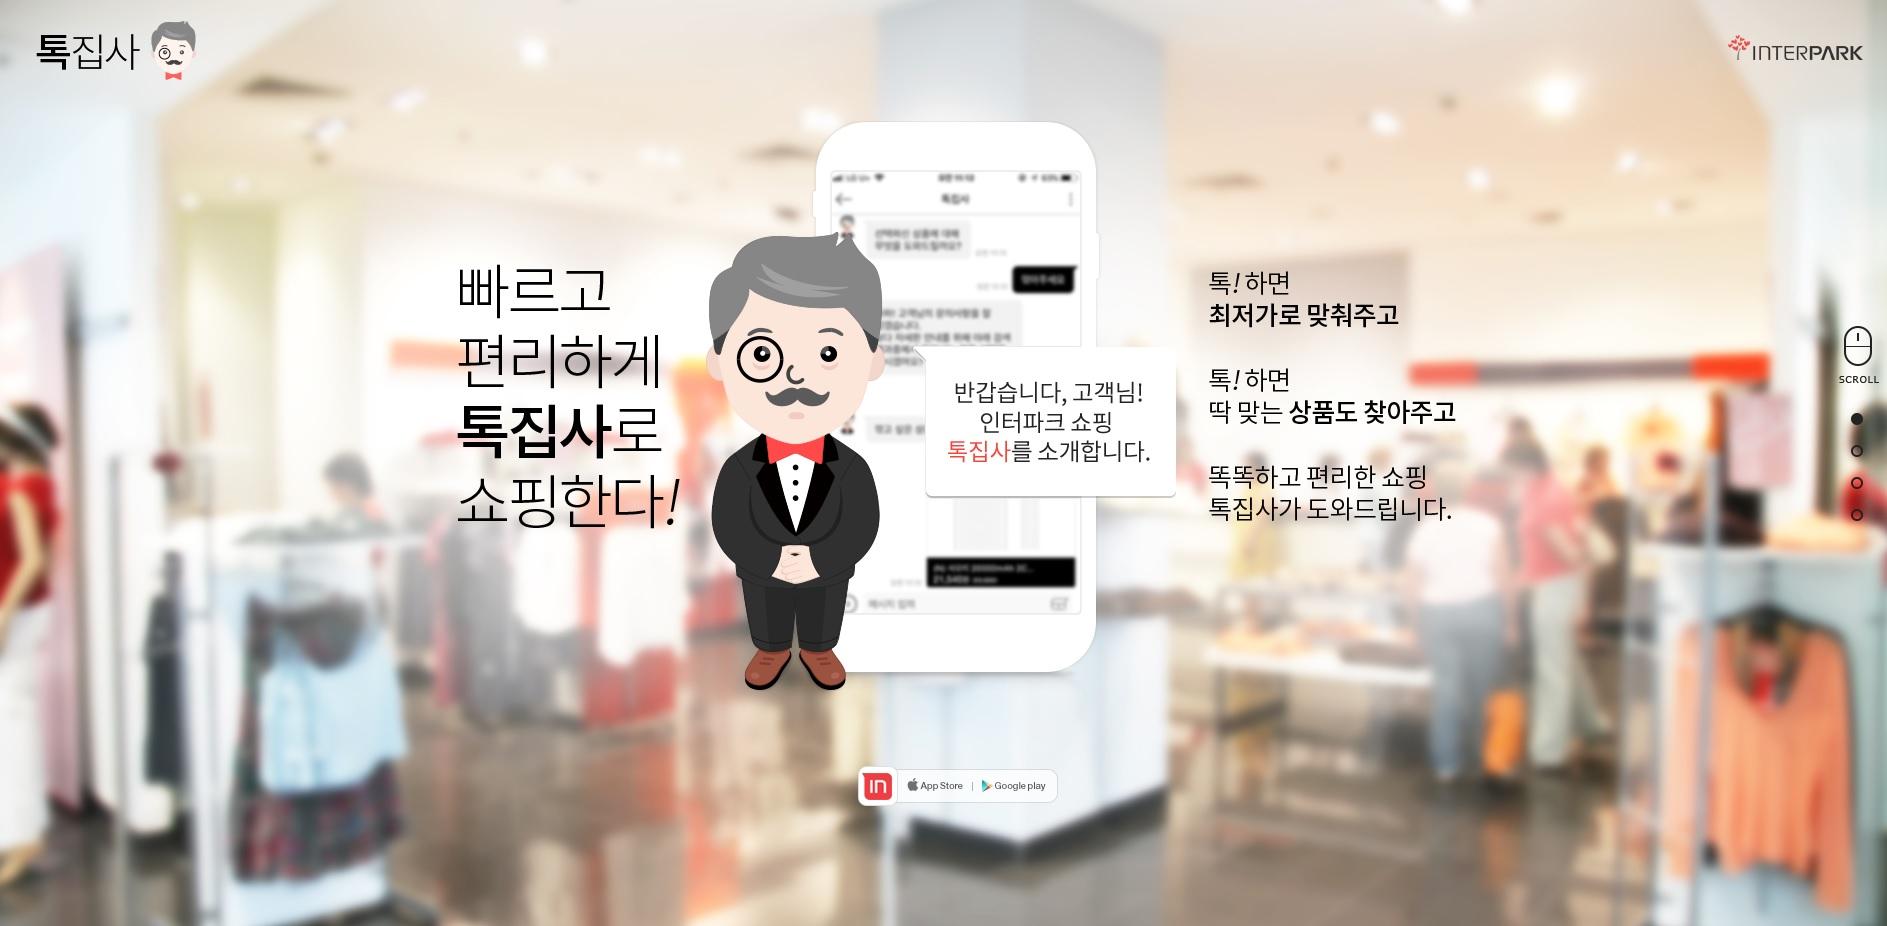 챗봇 마케팅 사례(Case Study): 인터파크 톡집사 / Case Study for Chatbot Marketing: 'Talk Butler' of Interpark